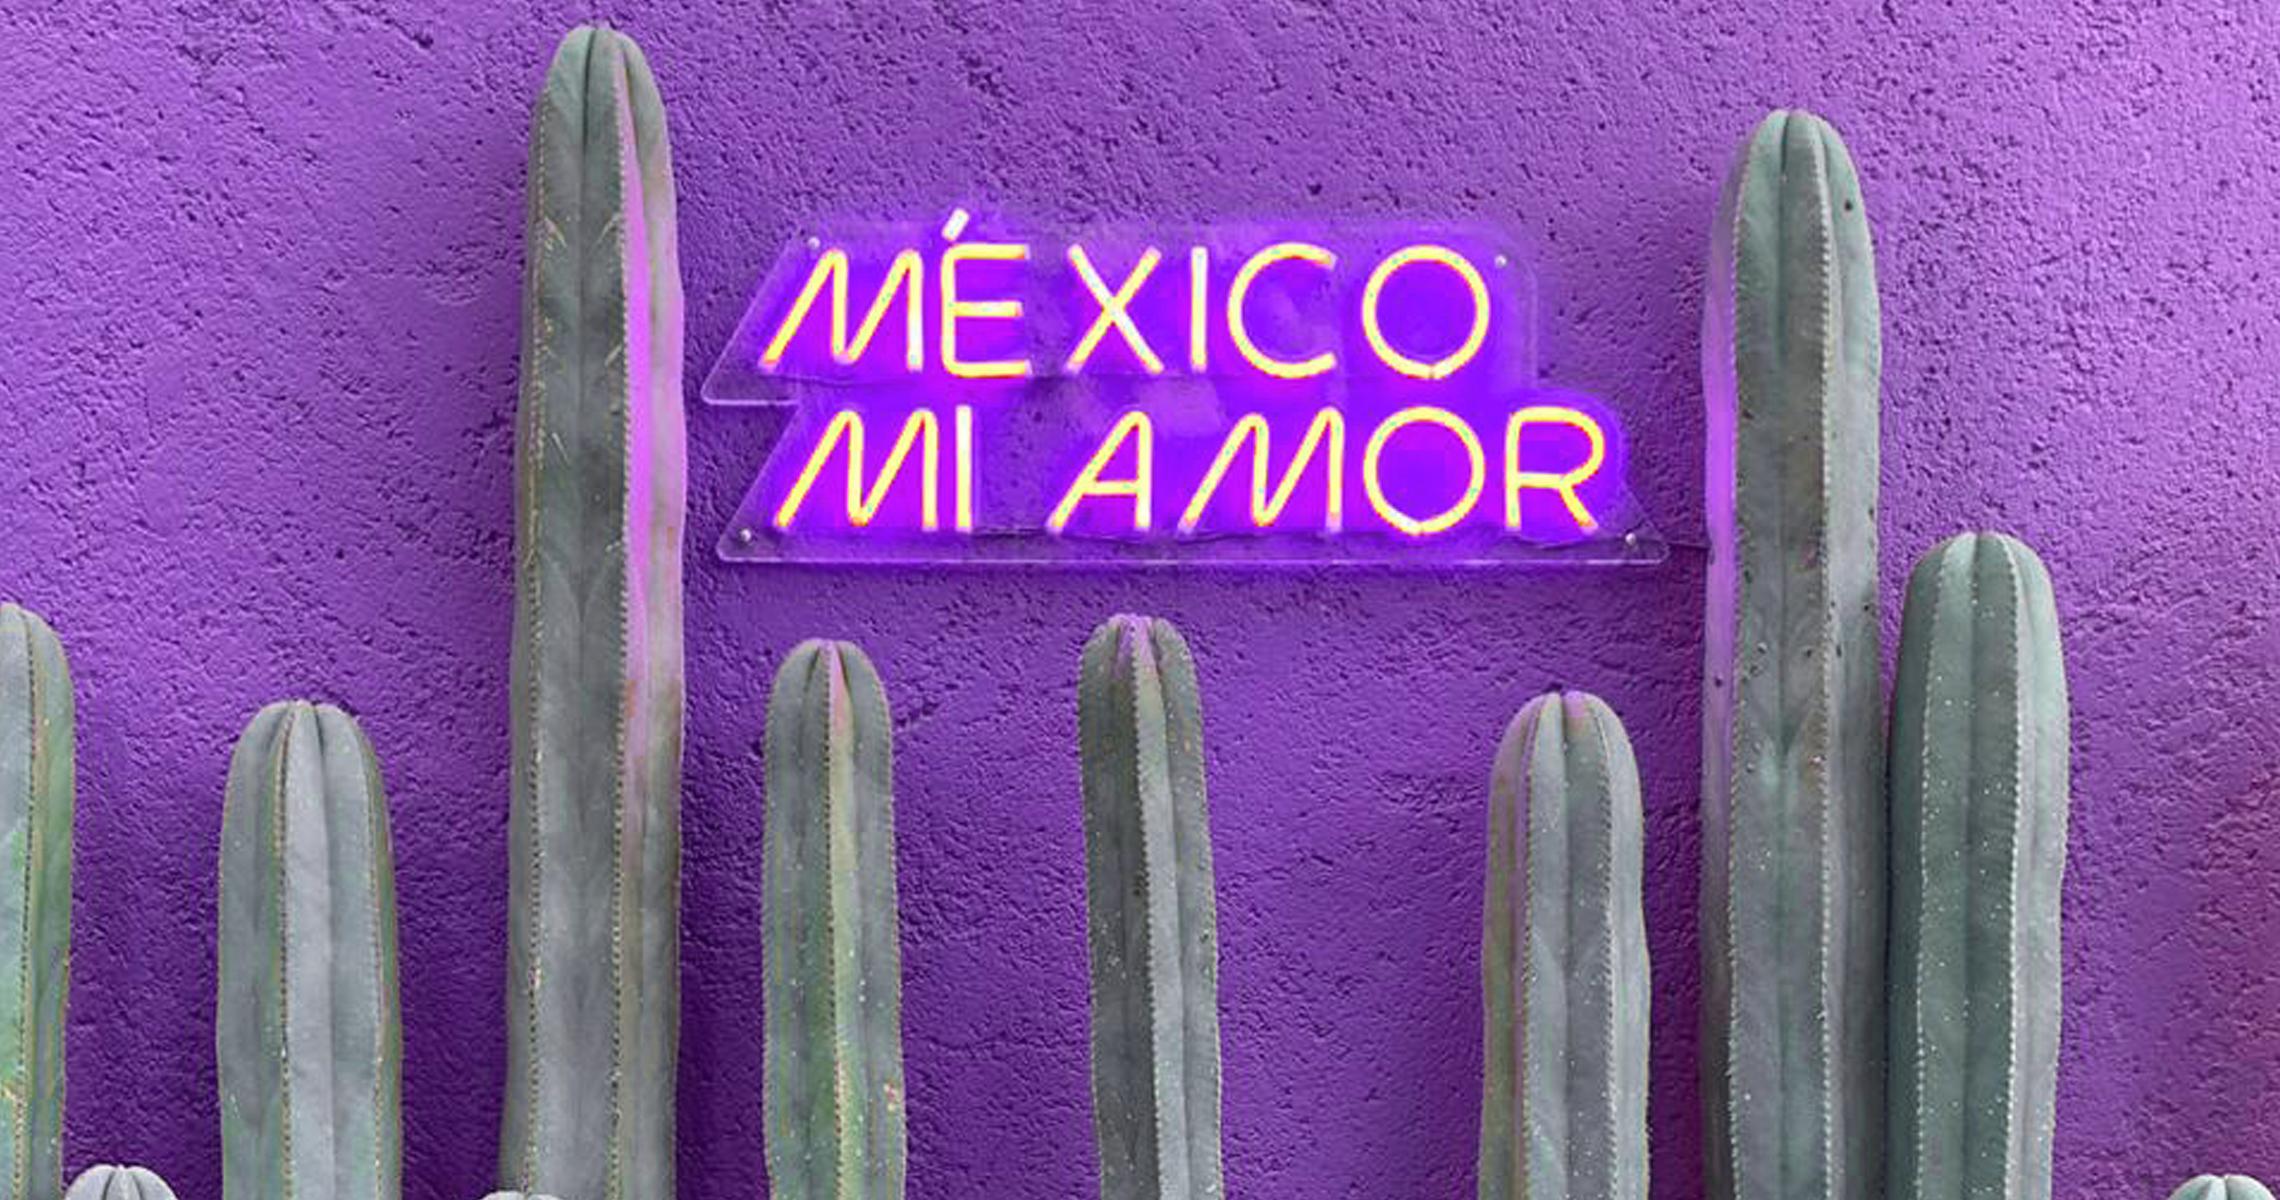 Nubank: inicia operação no México